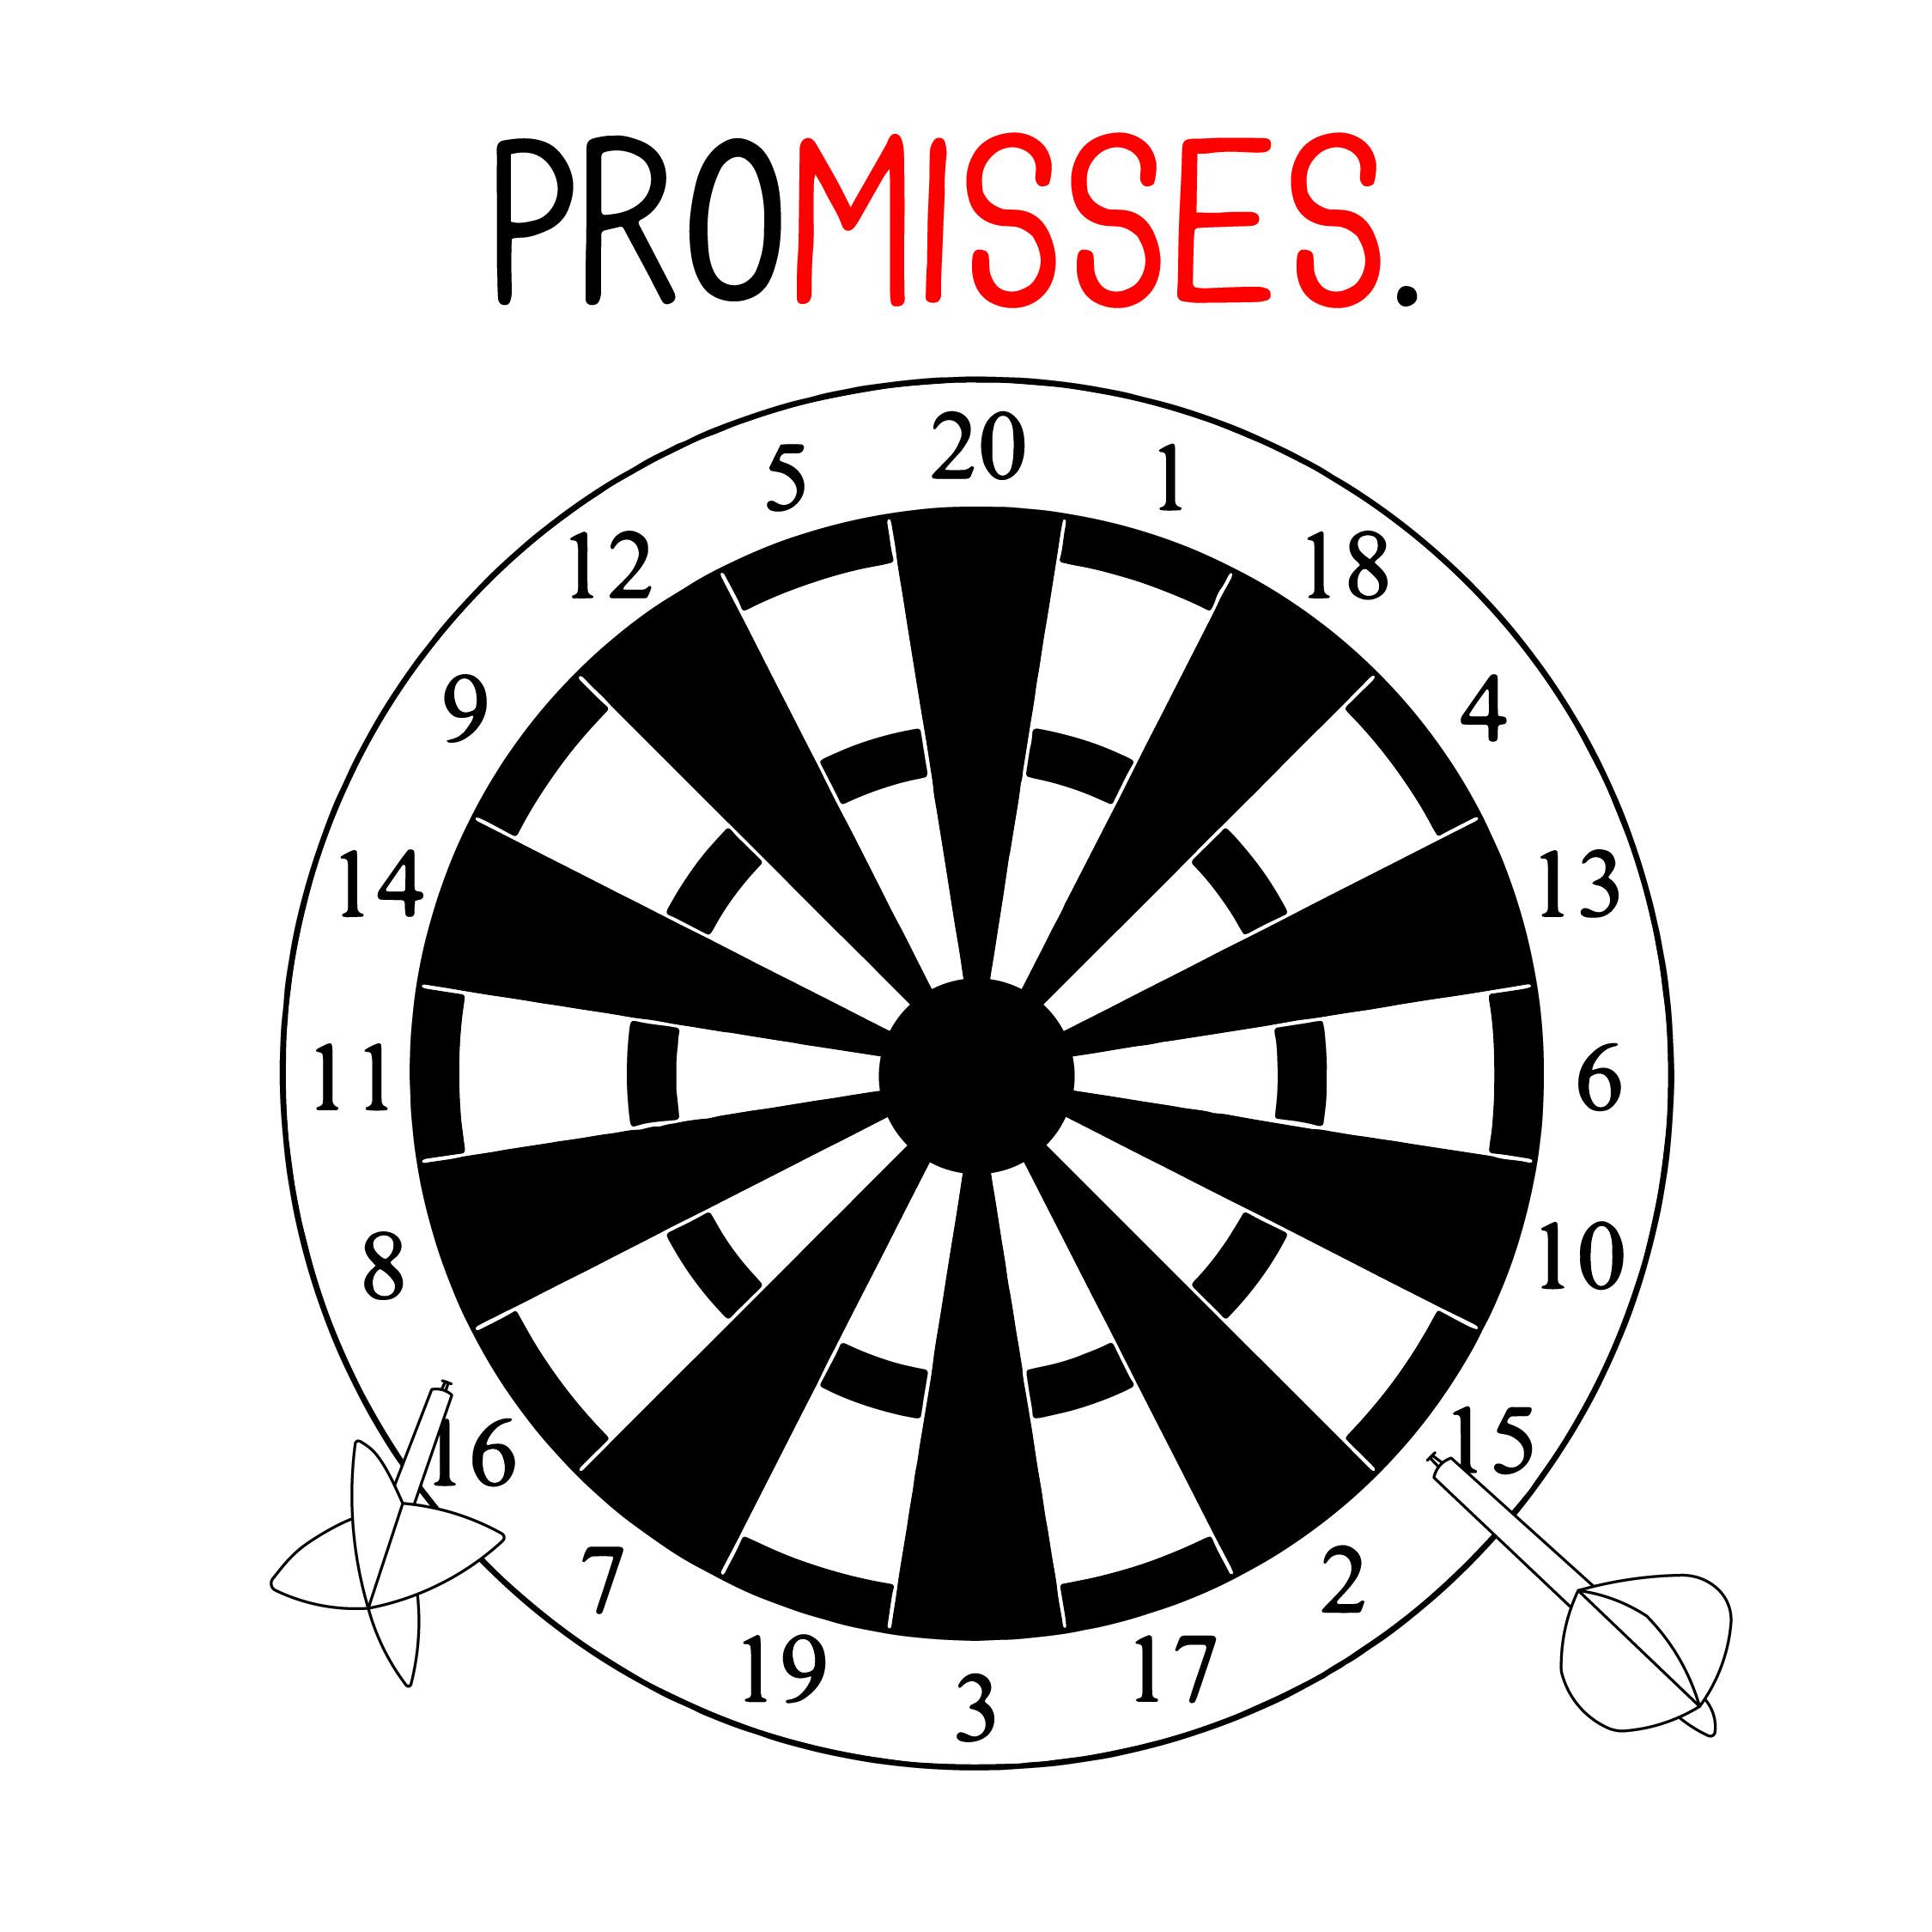 promisses-01.jpg